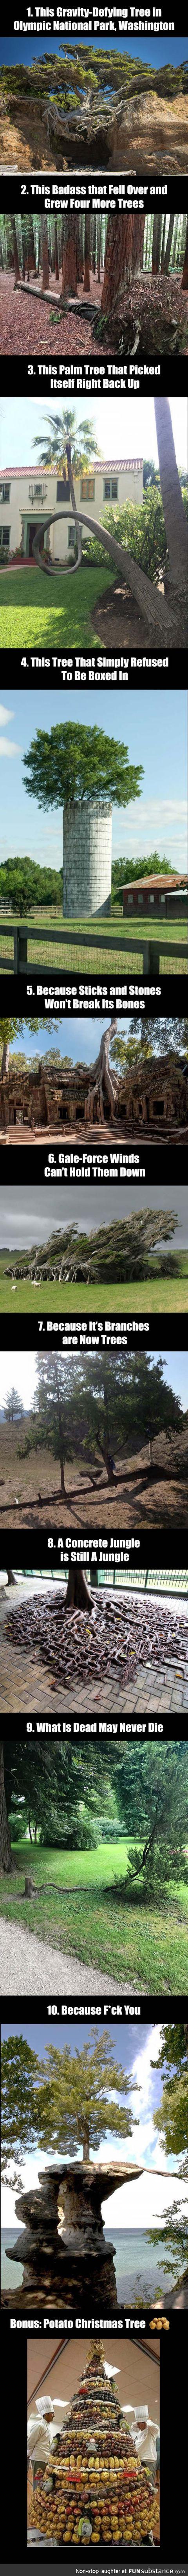 10 Badass trees that refused to die